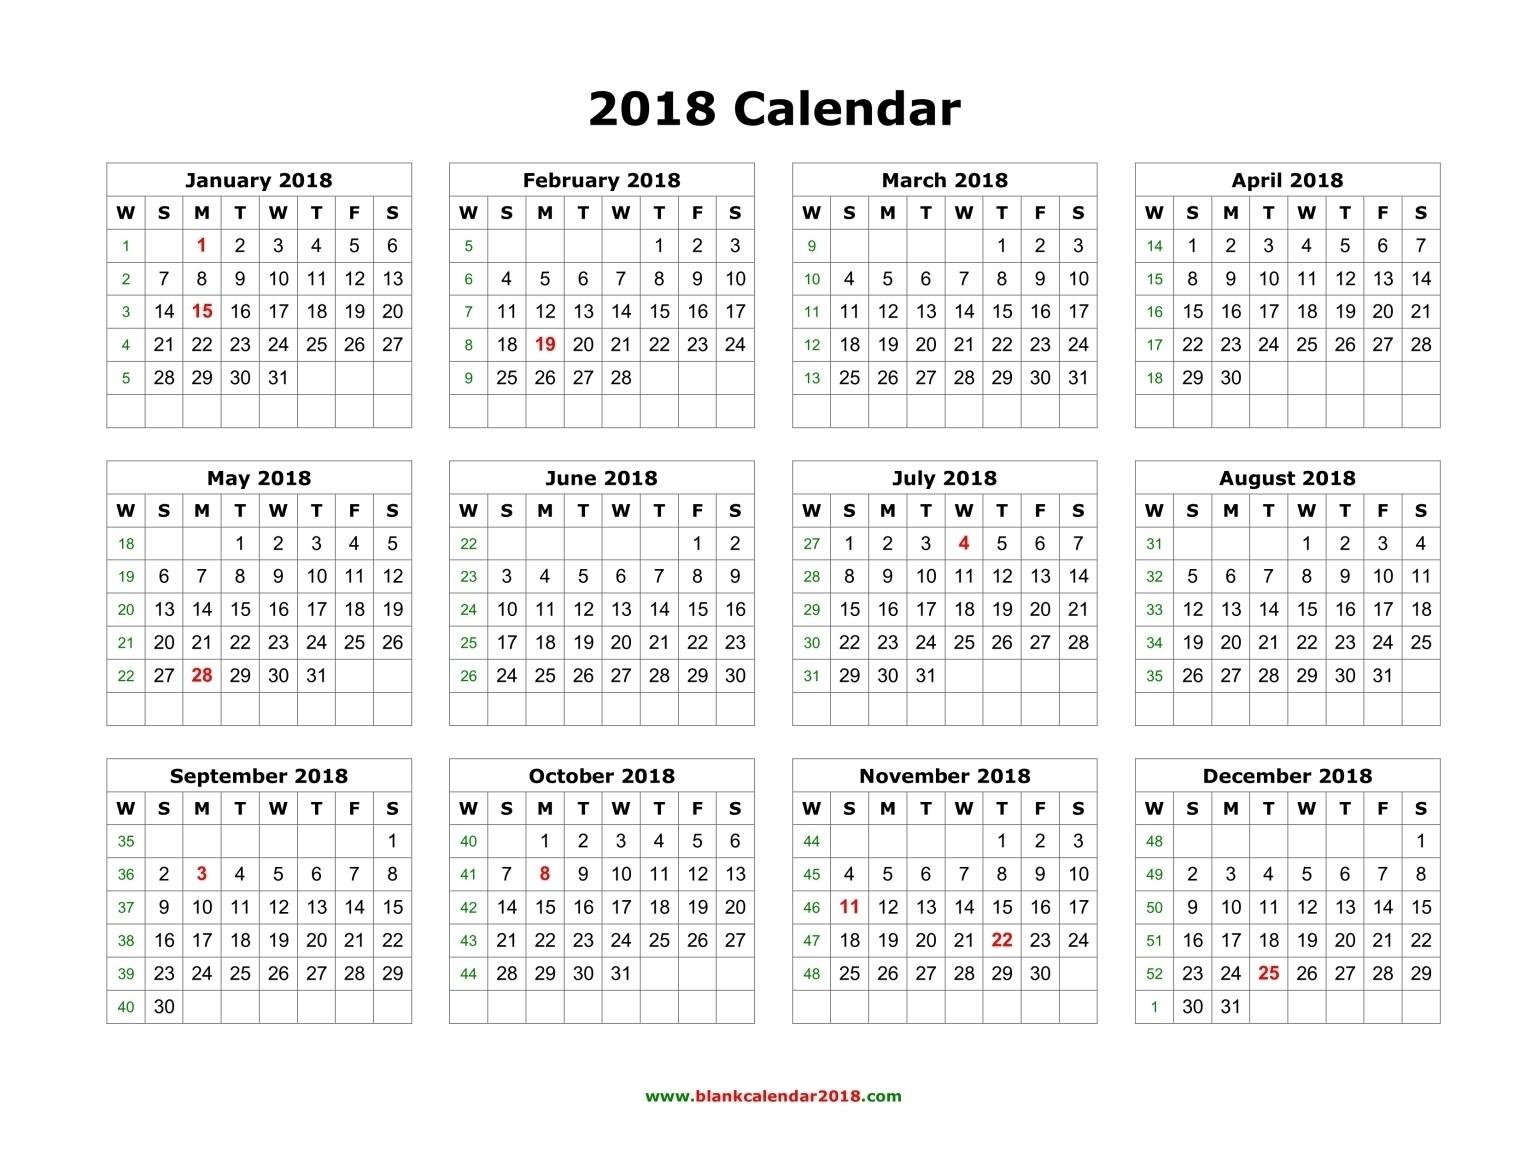 Blank Calendar 2018  12 Month Calendar Word Template